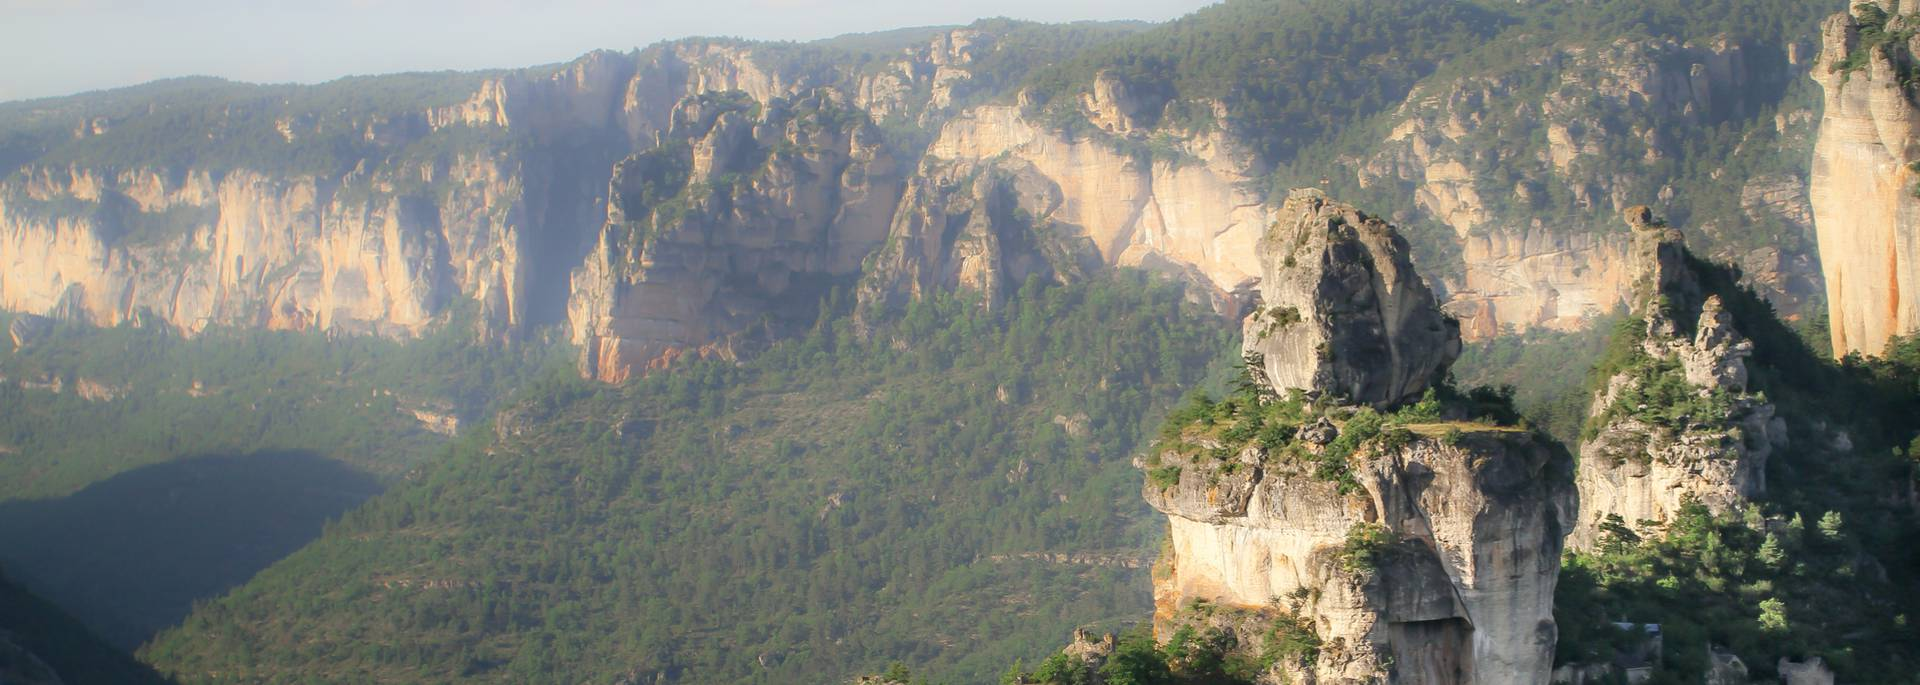 Gorges d Tarn et de la Jonte